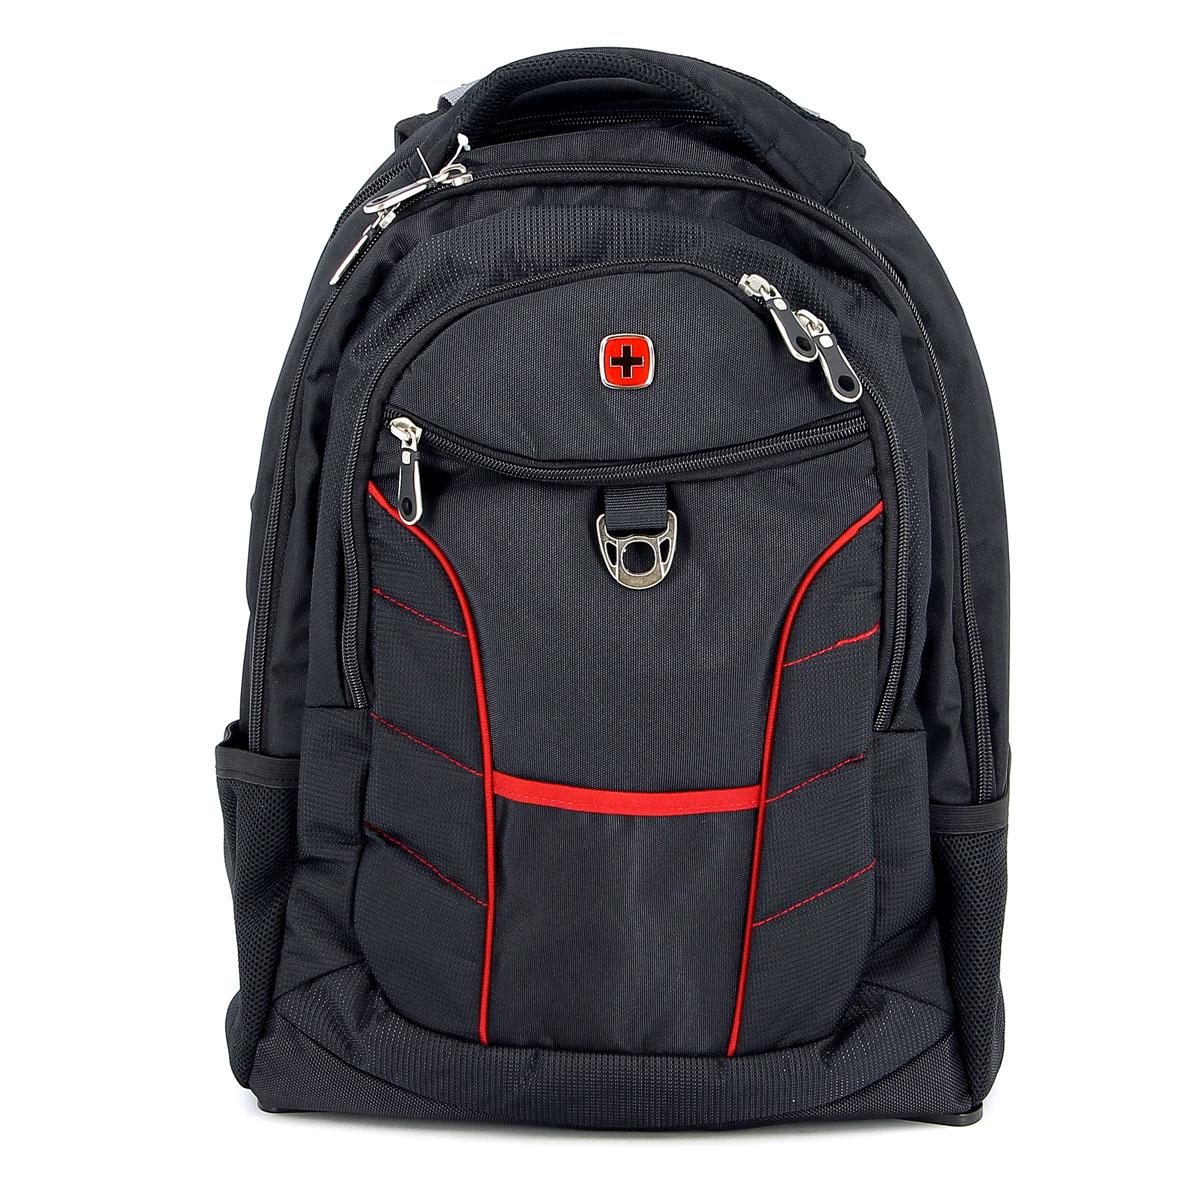 """Рюкзак Wenger """"Rad"""", цвет: черный, красный, 35 см х 20 см х 47 см, 33 л"""